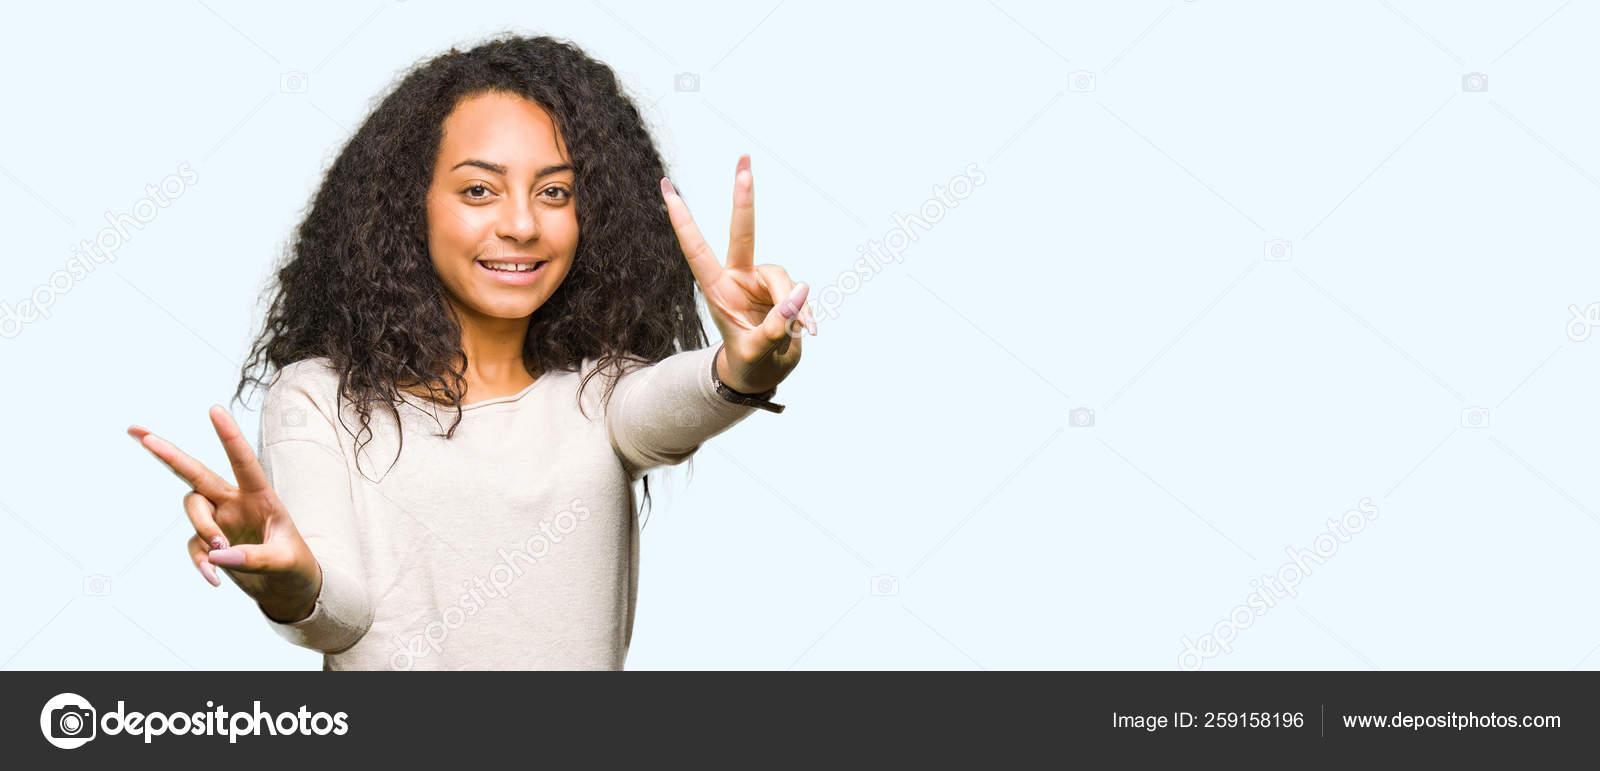 b1ae3b9c8 Jovem Menina Bonita Com Camisola Casual Vestindo Cabelo Encaracolado  Sorrindo — Fotografia de Stock